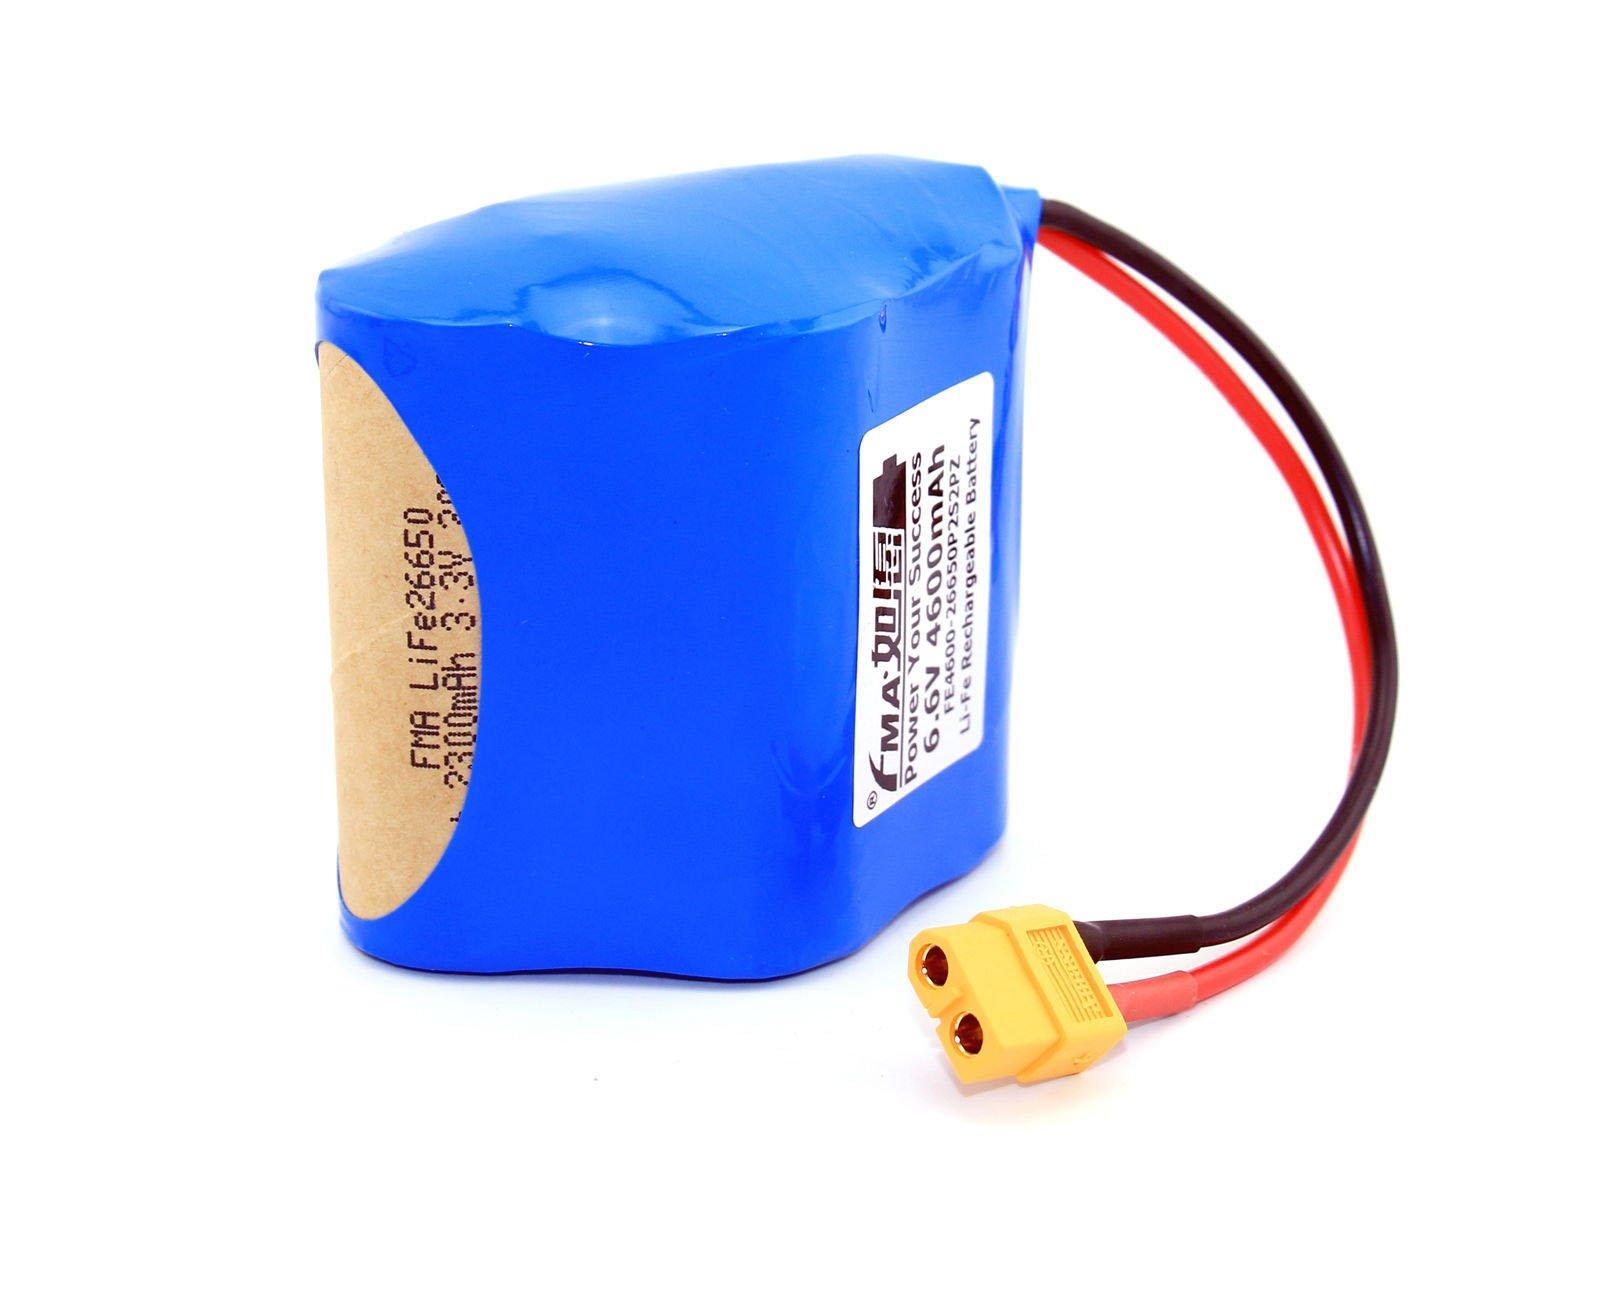 Life Deer Game Feeder Battery 6.6V 4.6Ah Like Sealed Lead Acid 6V Cell 2S2Pz